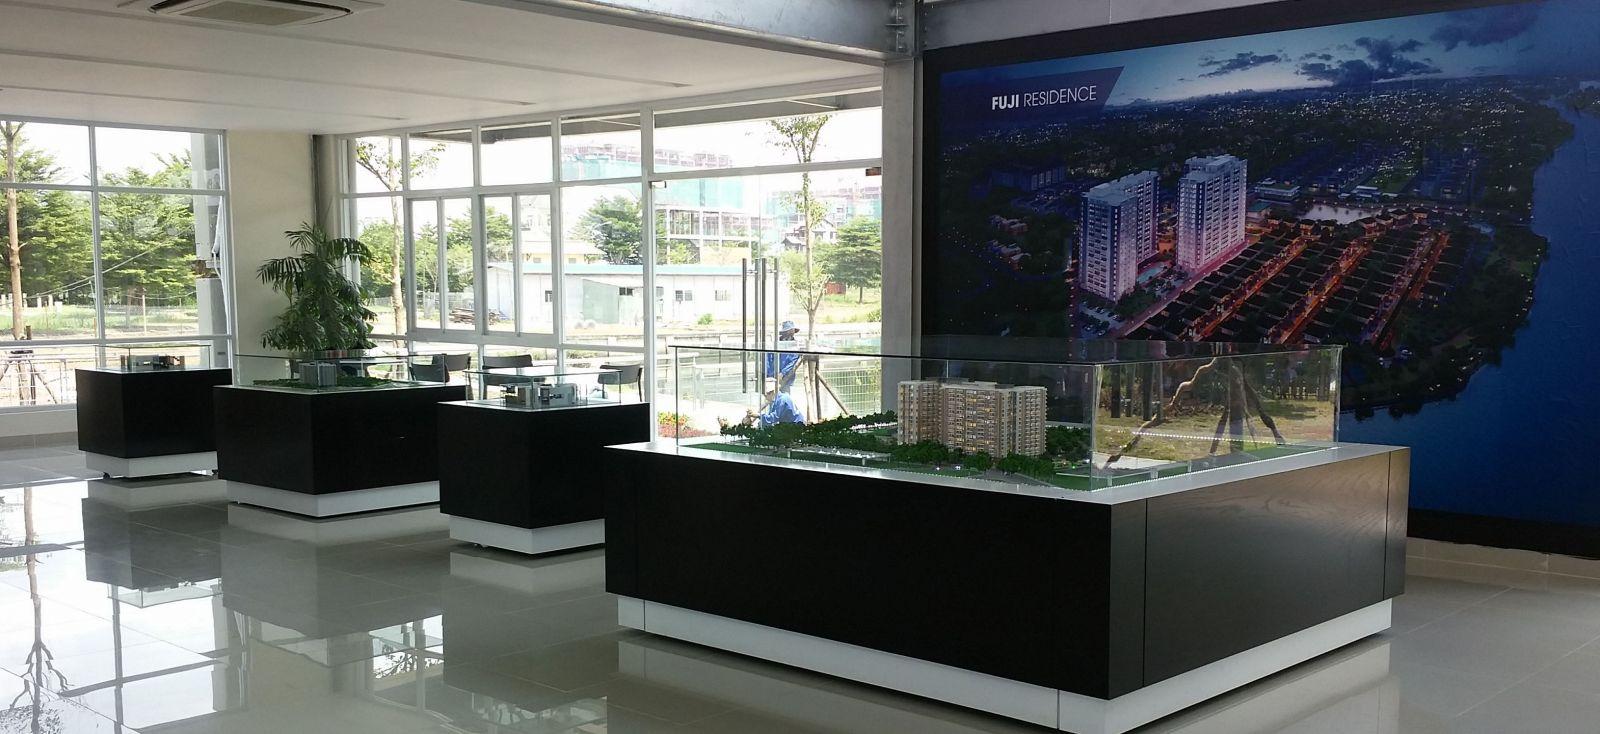 Tổ hợp dự án KDC Fuji